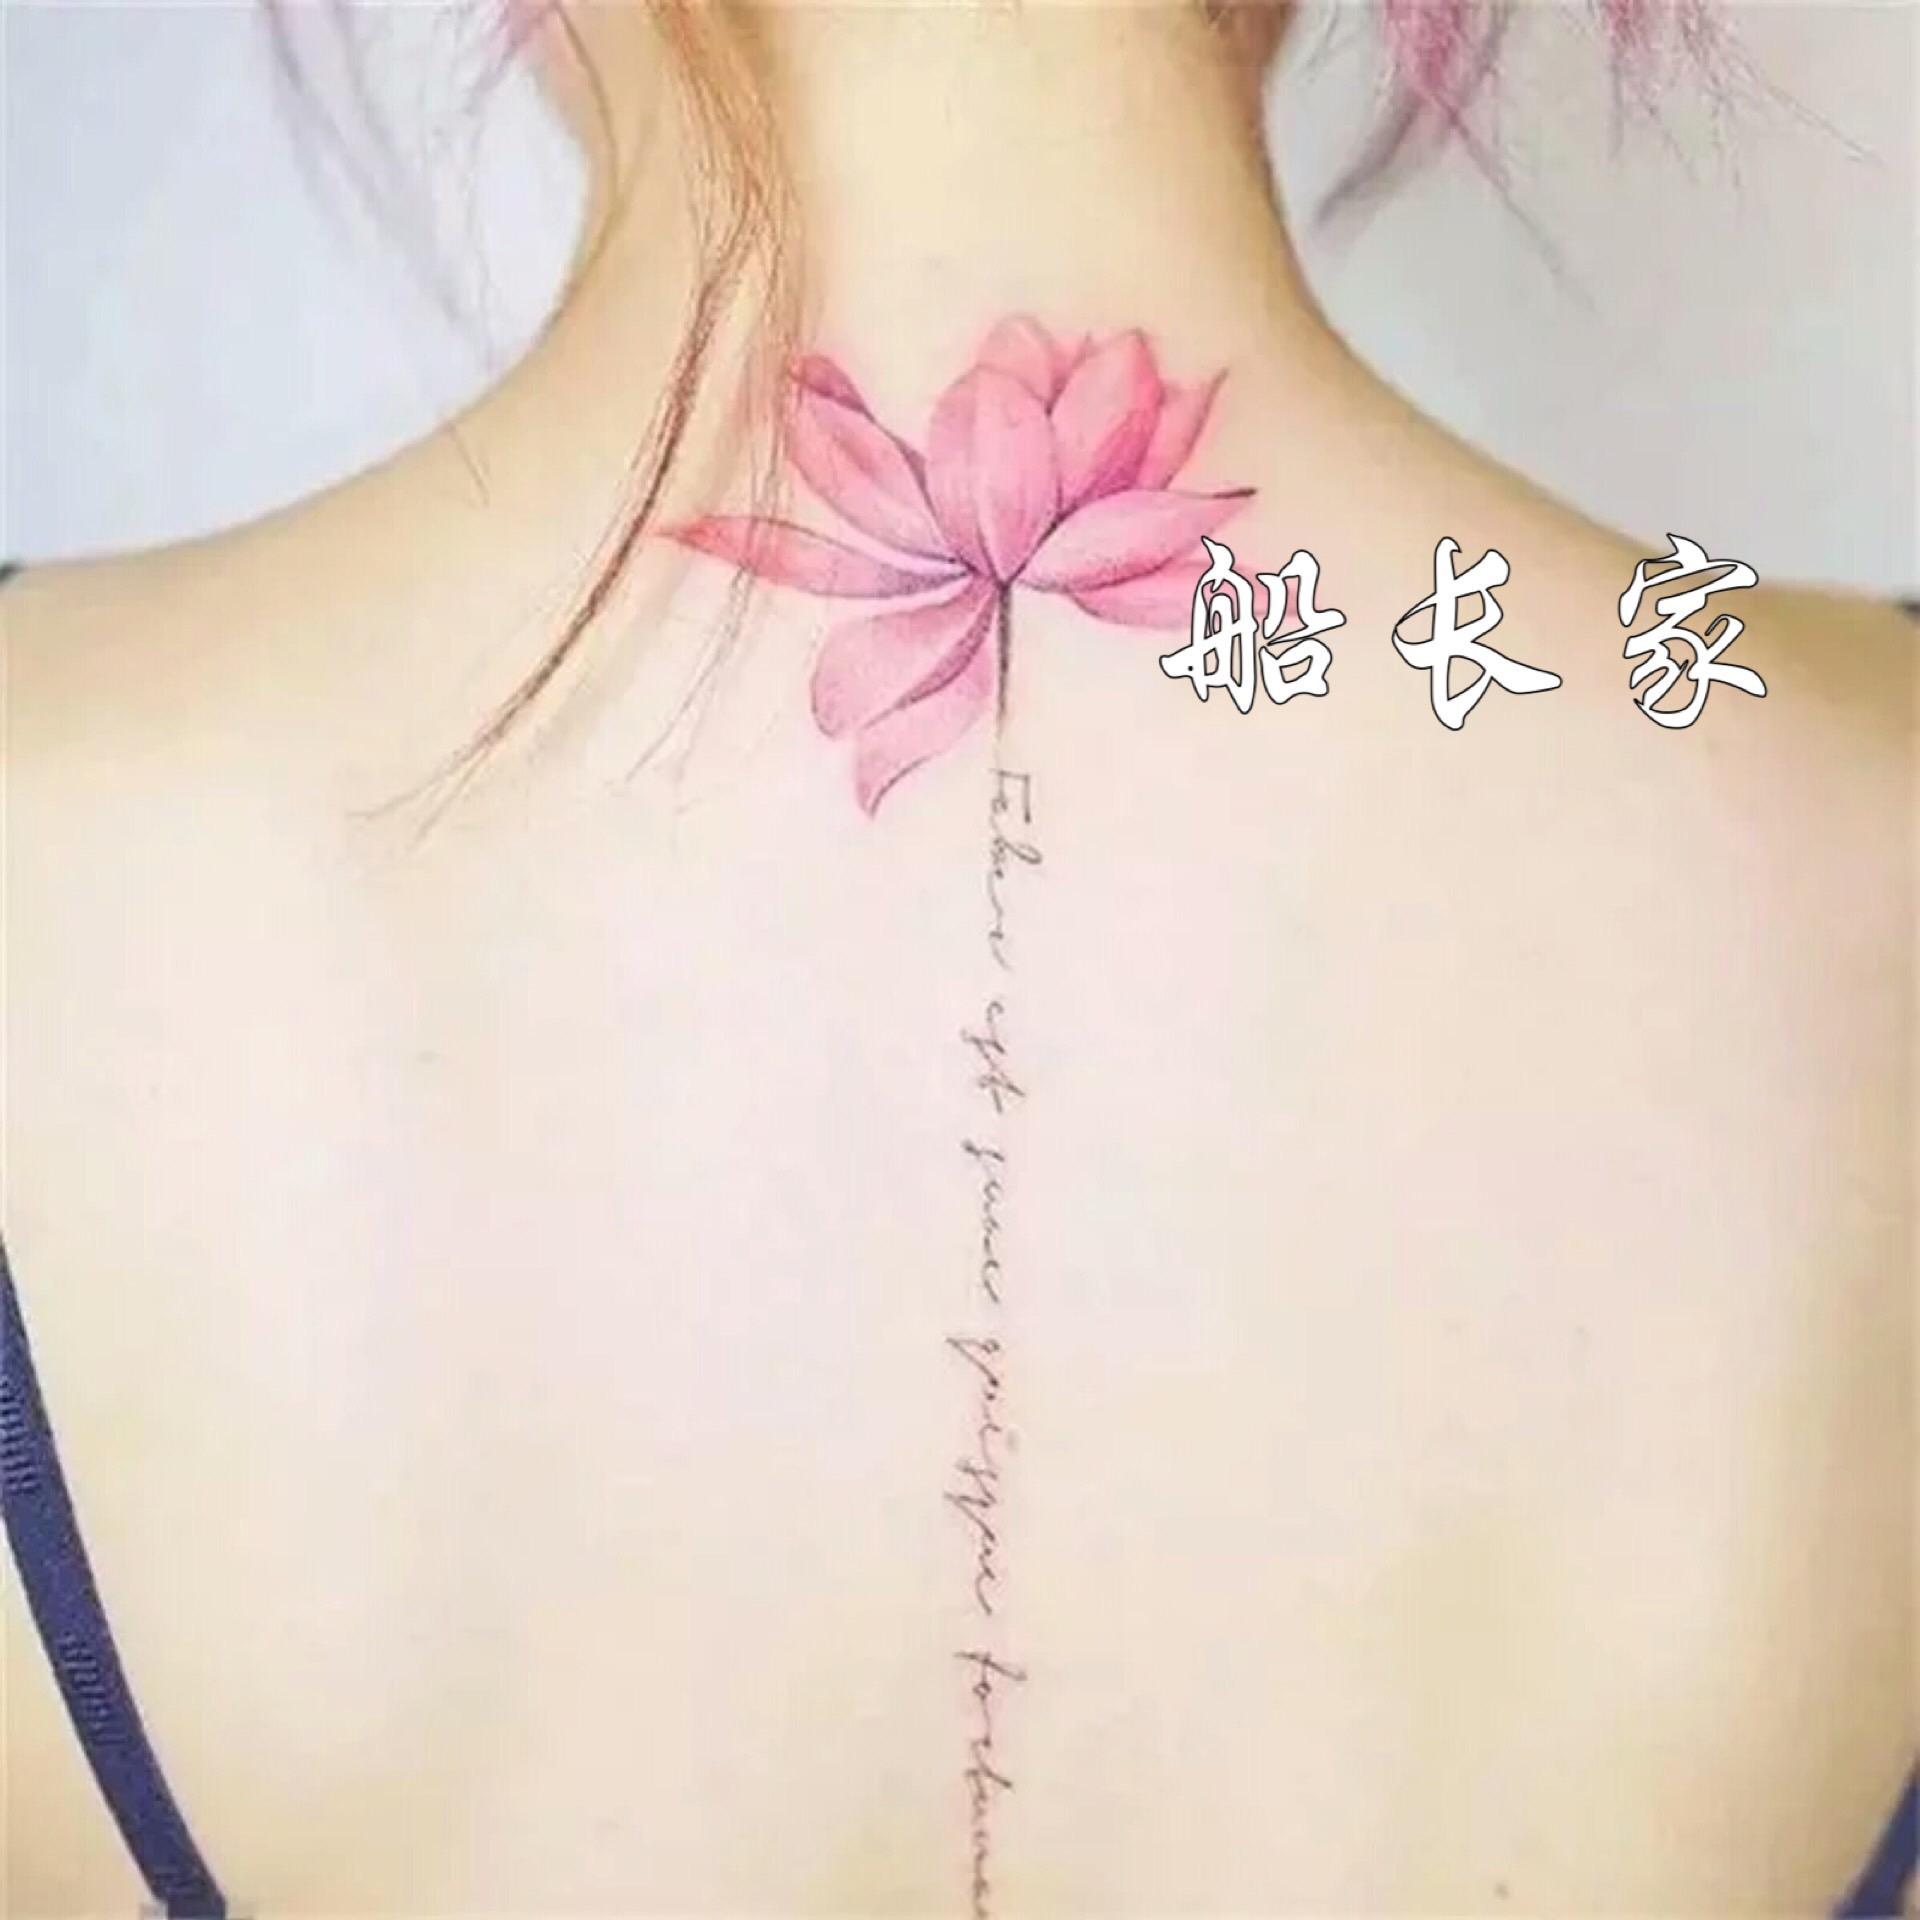 船长家 女生性感后背纹身贴 粉色莲花字母刺青 防水逼真满35包邮图片